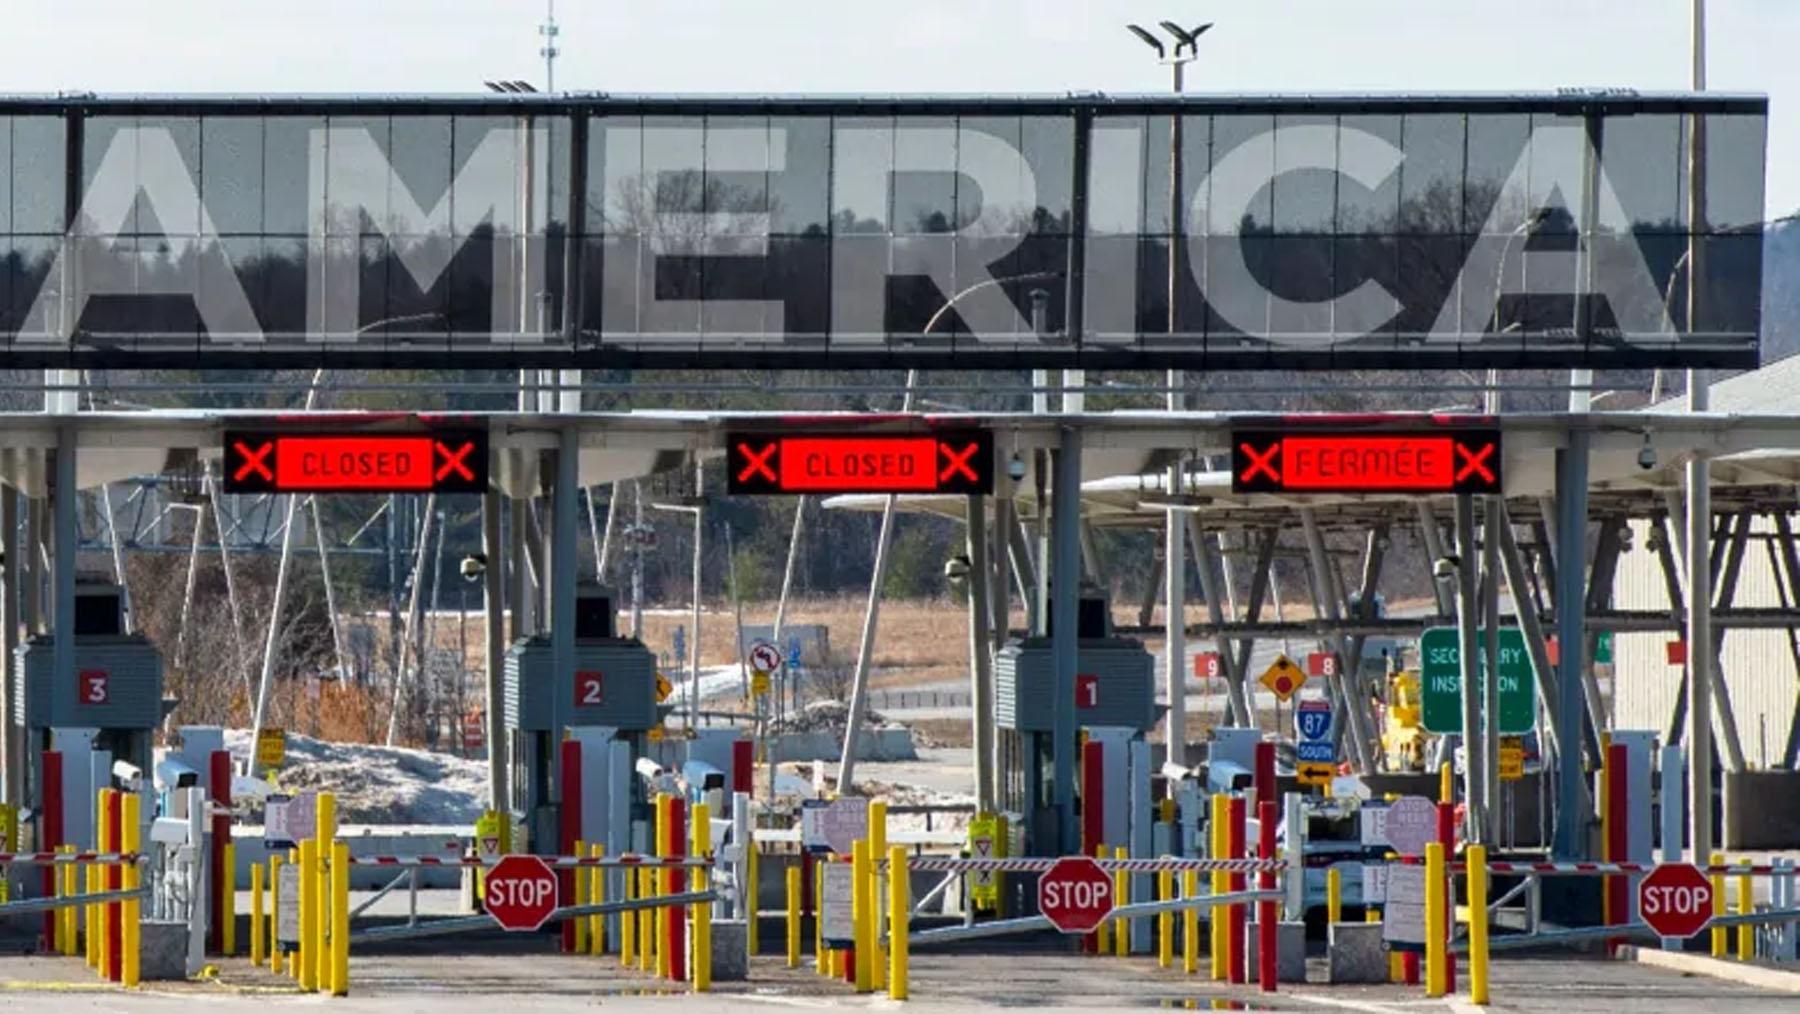 تصویر از مرز کانادا و امریکا با توافق مقامات مسئول برای 30 روز دیگر مسدود ماند